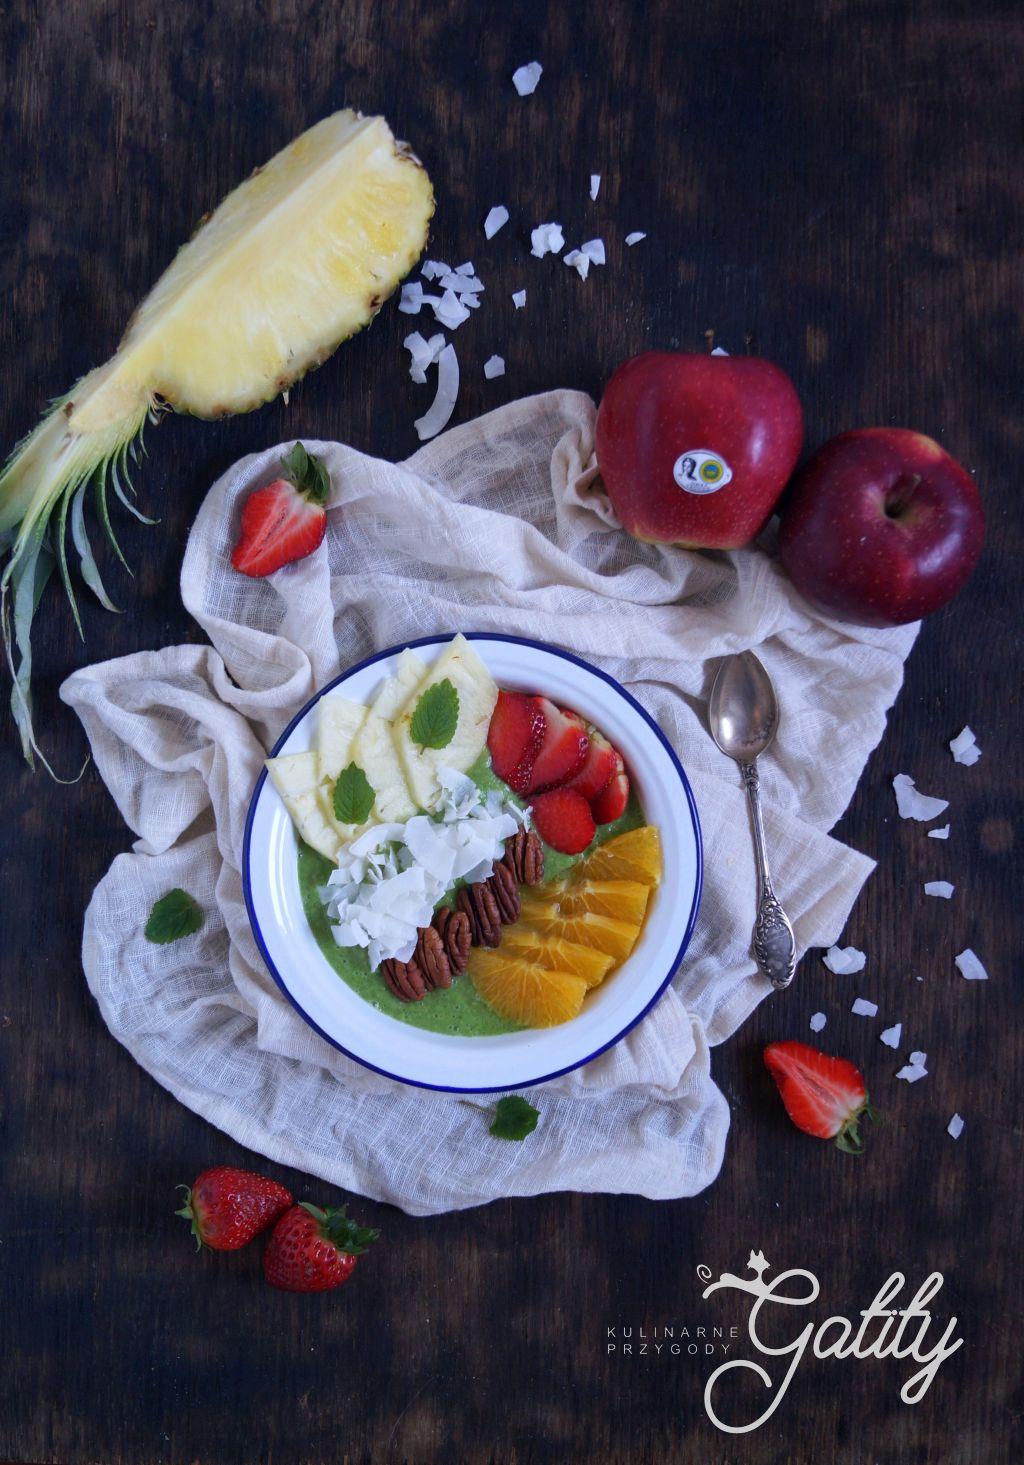 kolorowe-sniadanie-w-bialej-misce